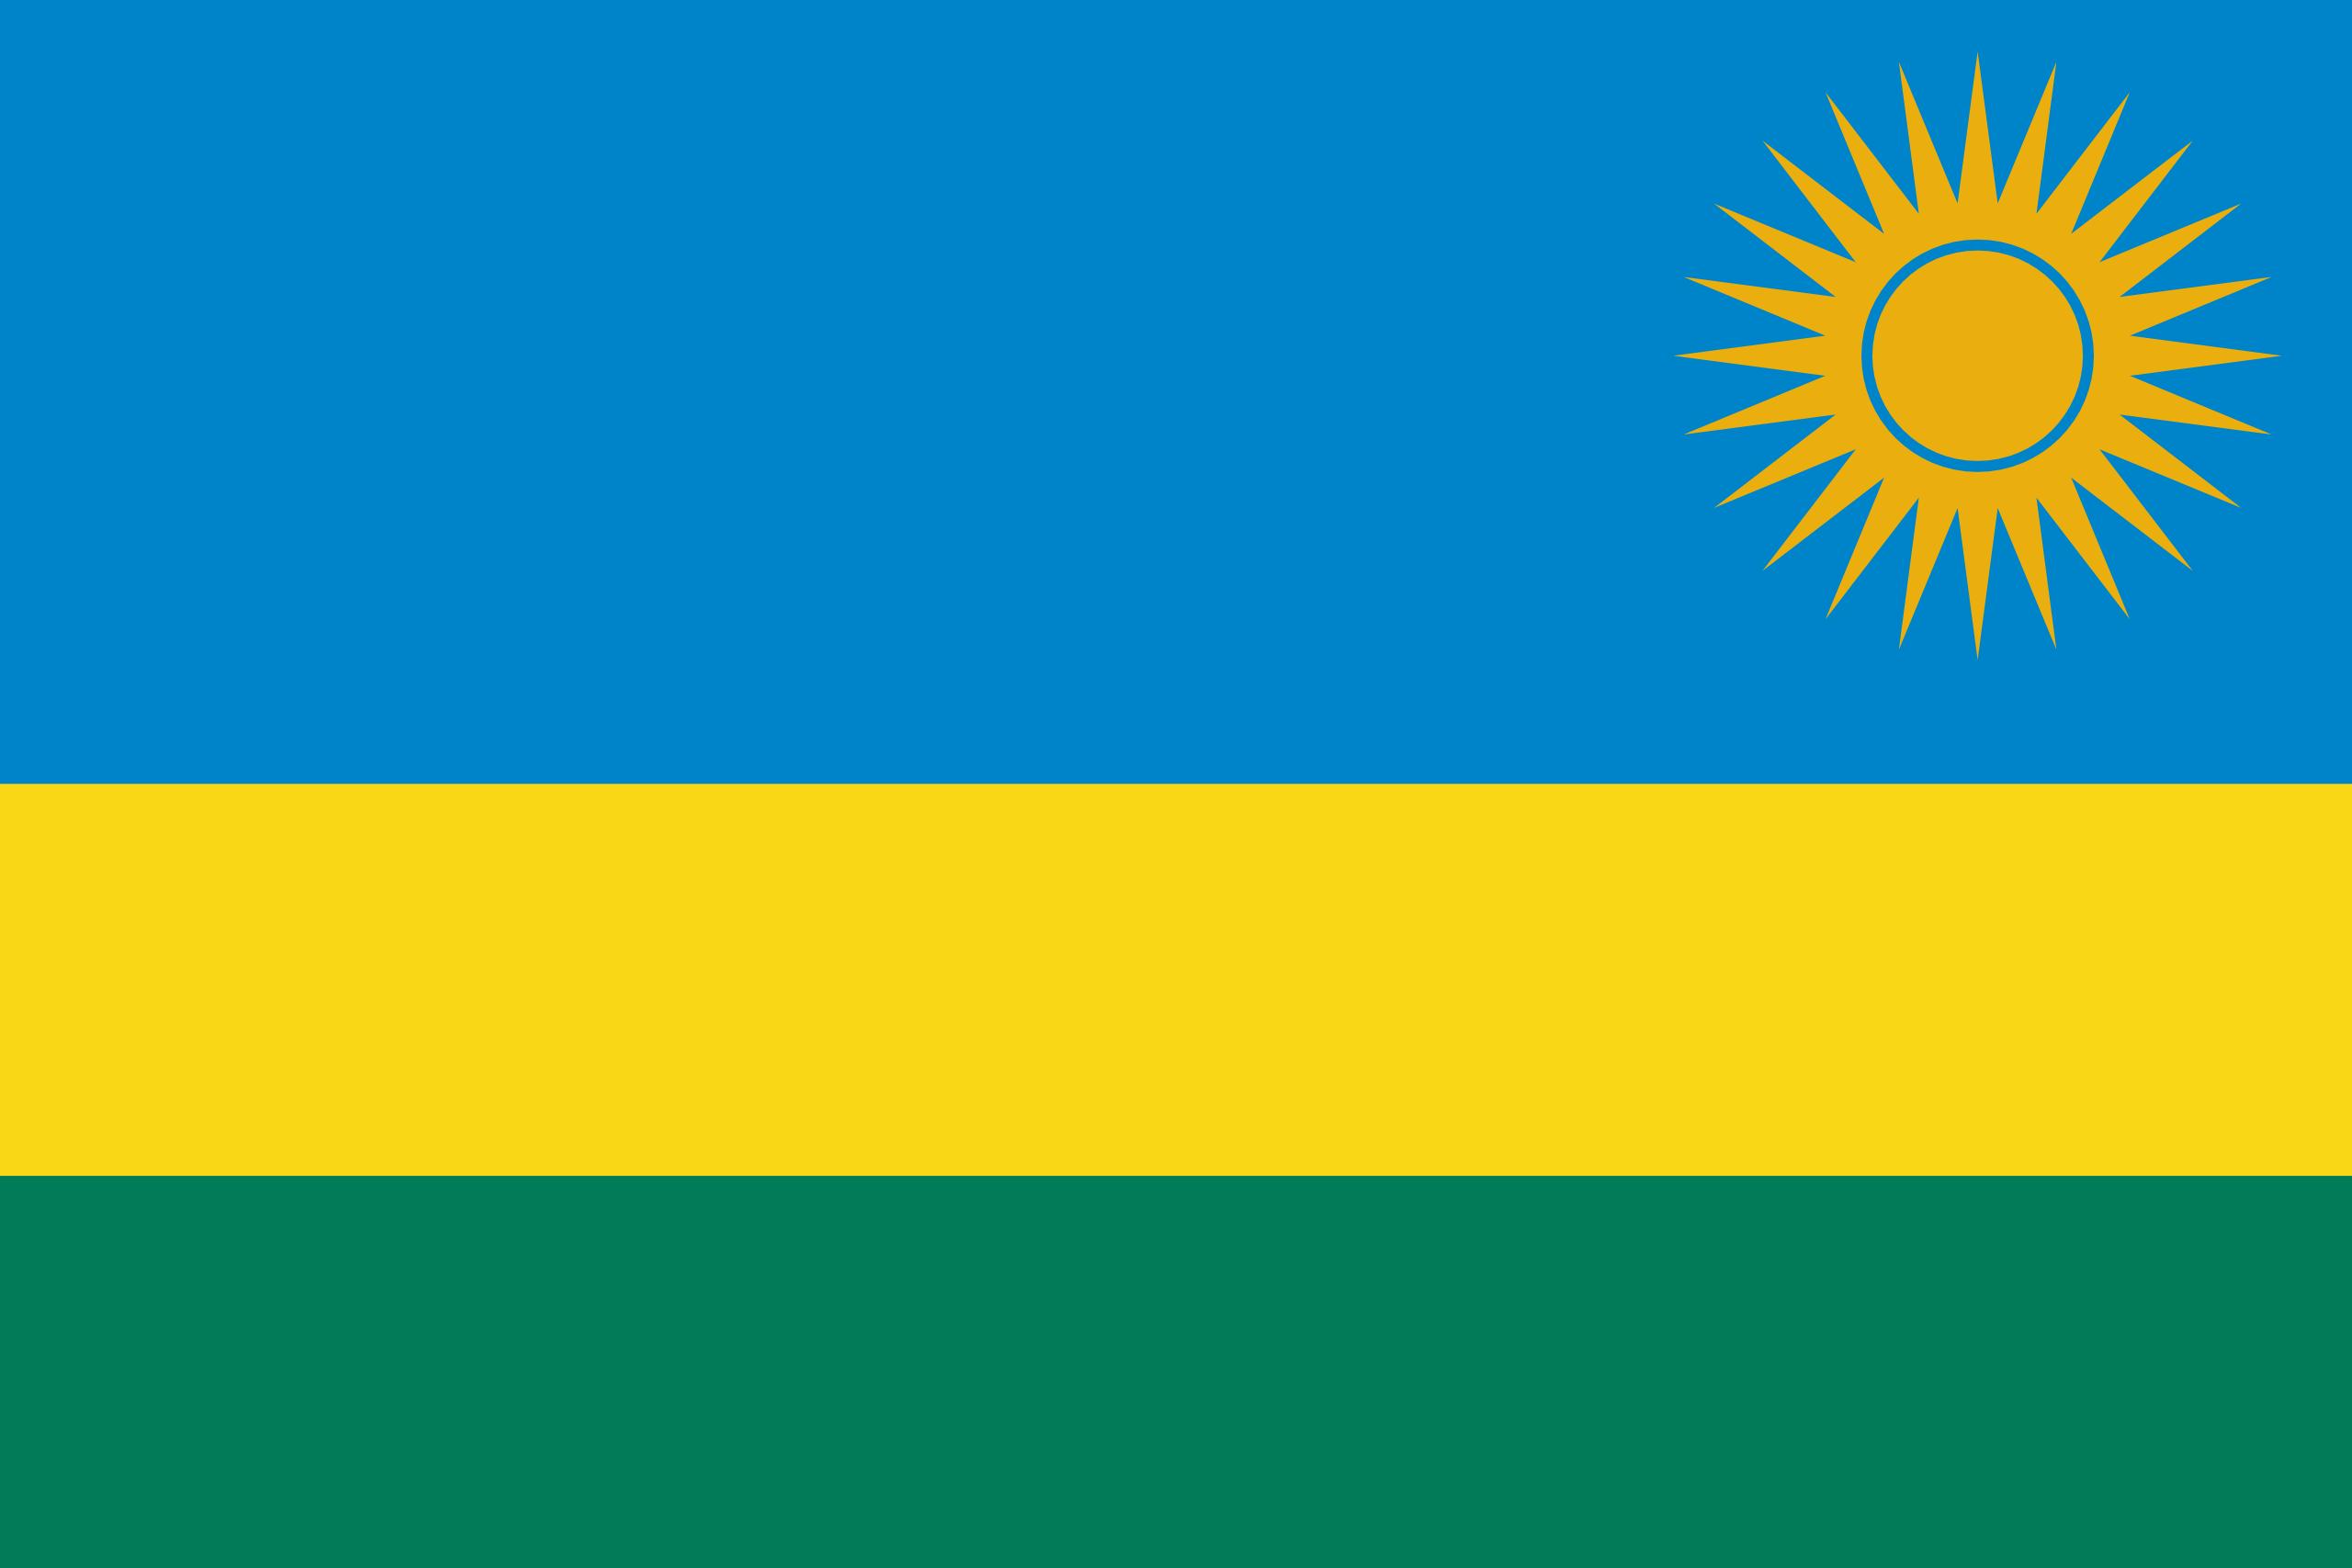 ruanda, país, emblema, insignia, símbolo - Fondos de Pantalla HD - professor-falken.com